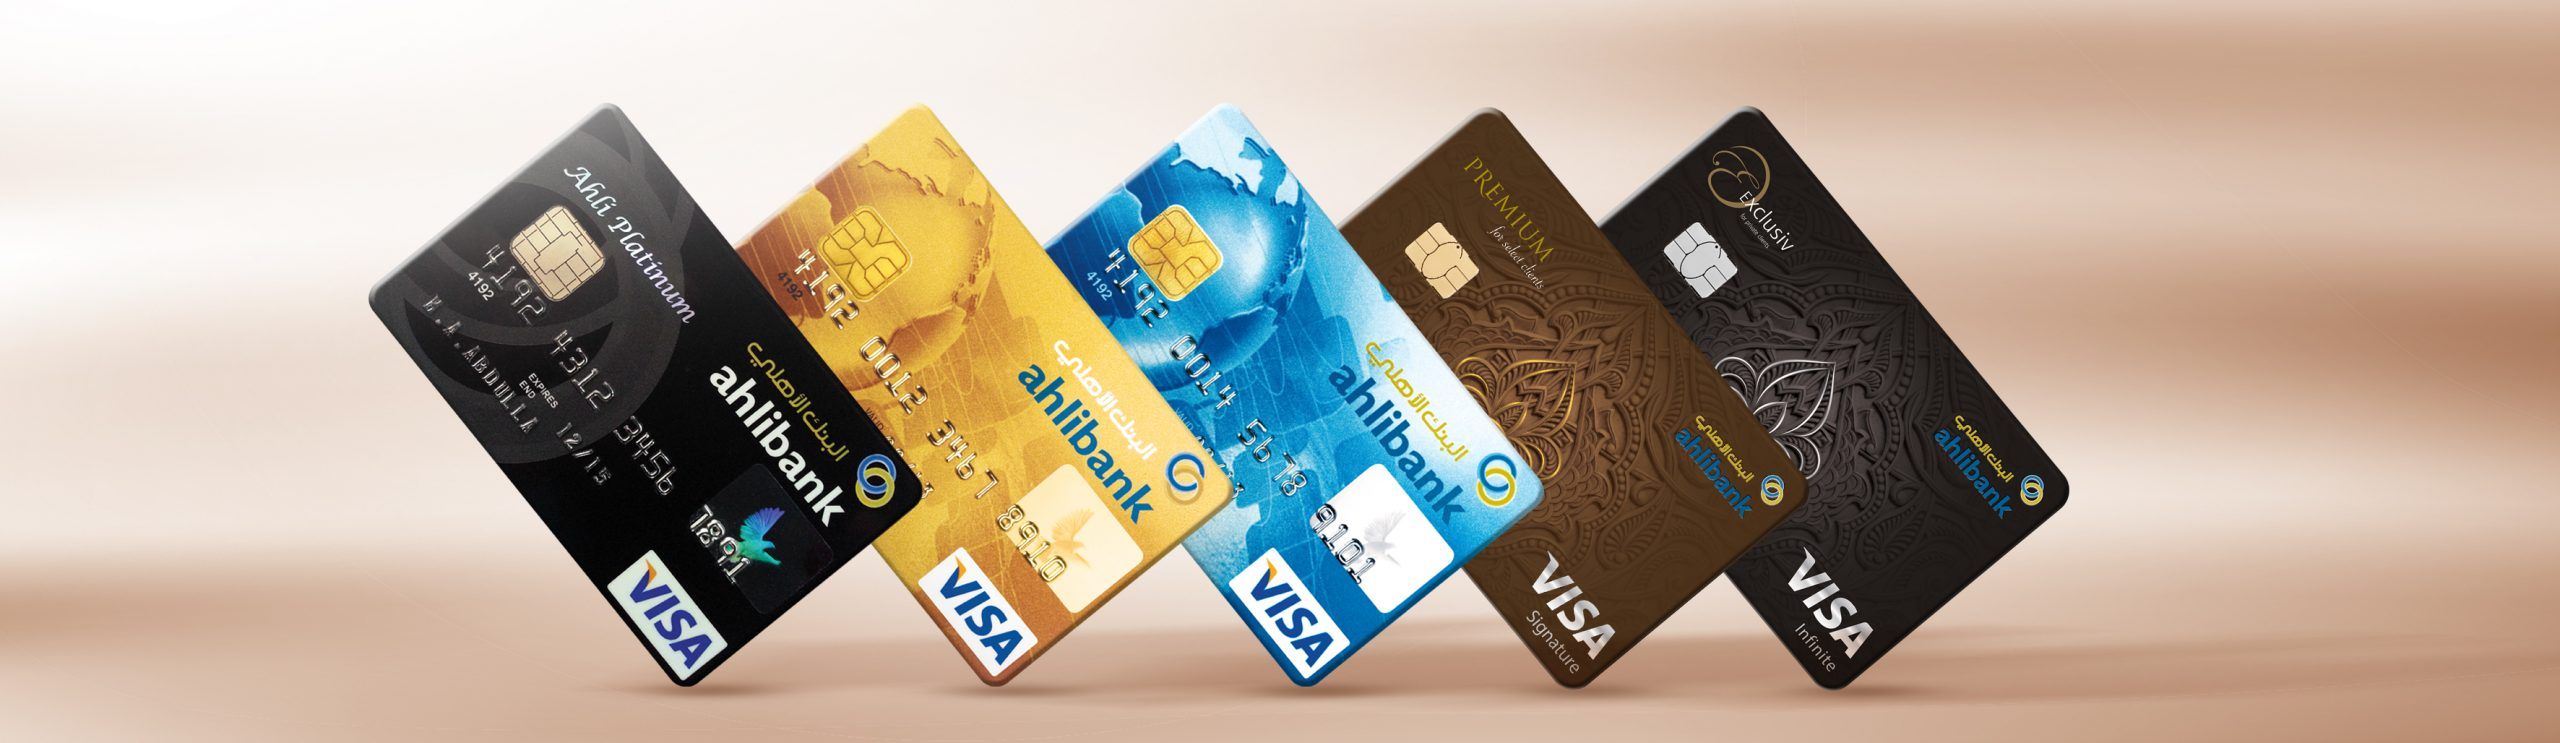 انواع بطاقات الاهلي الائتمانية